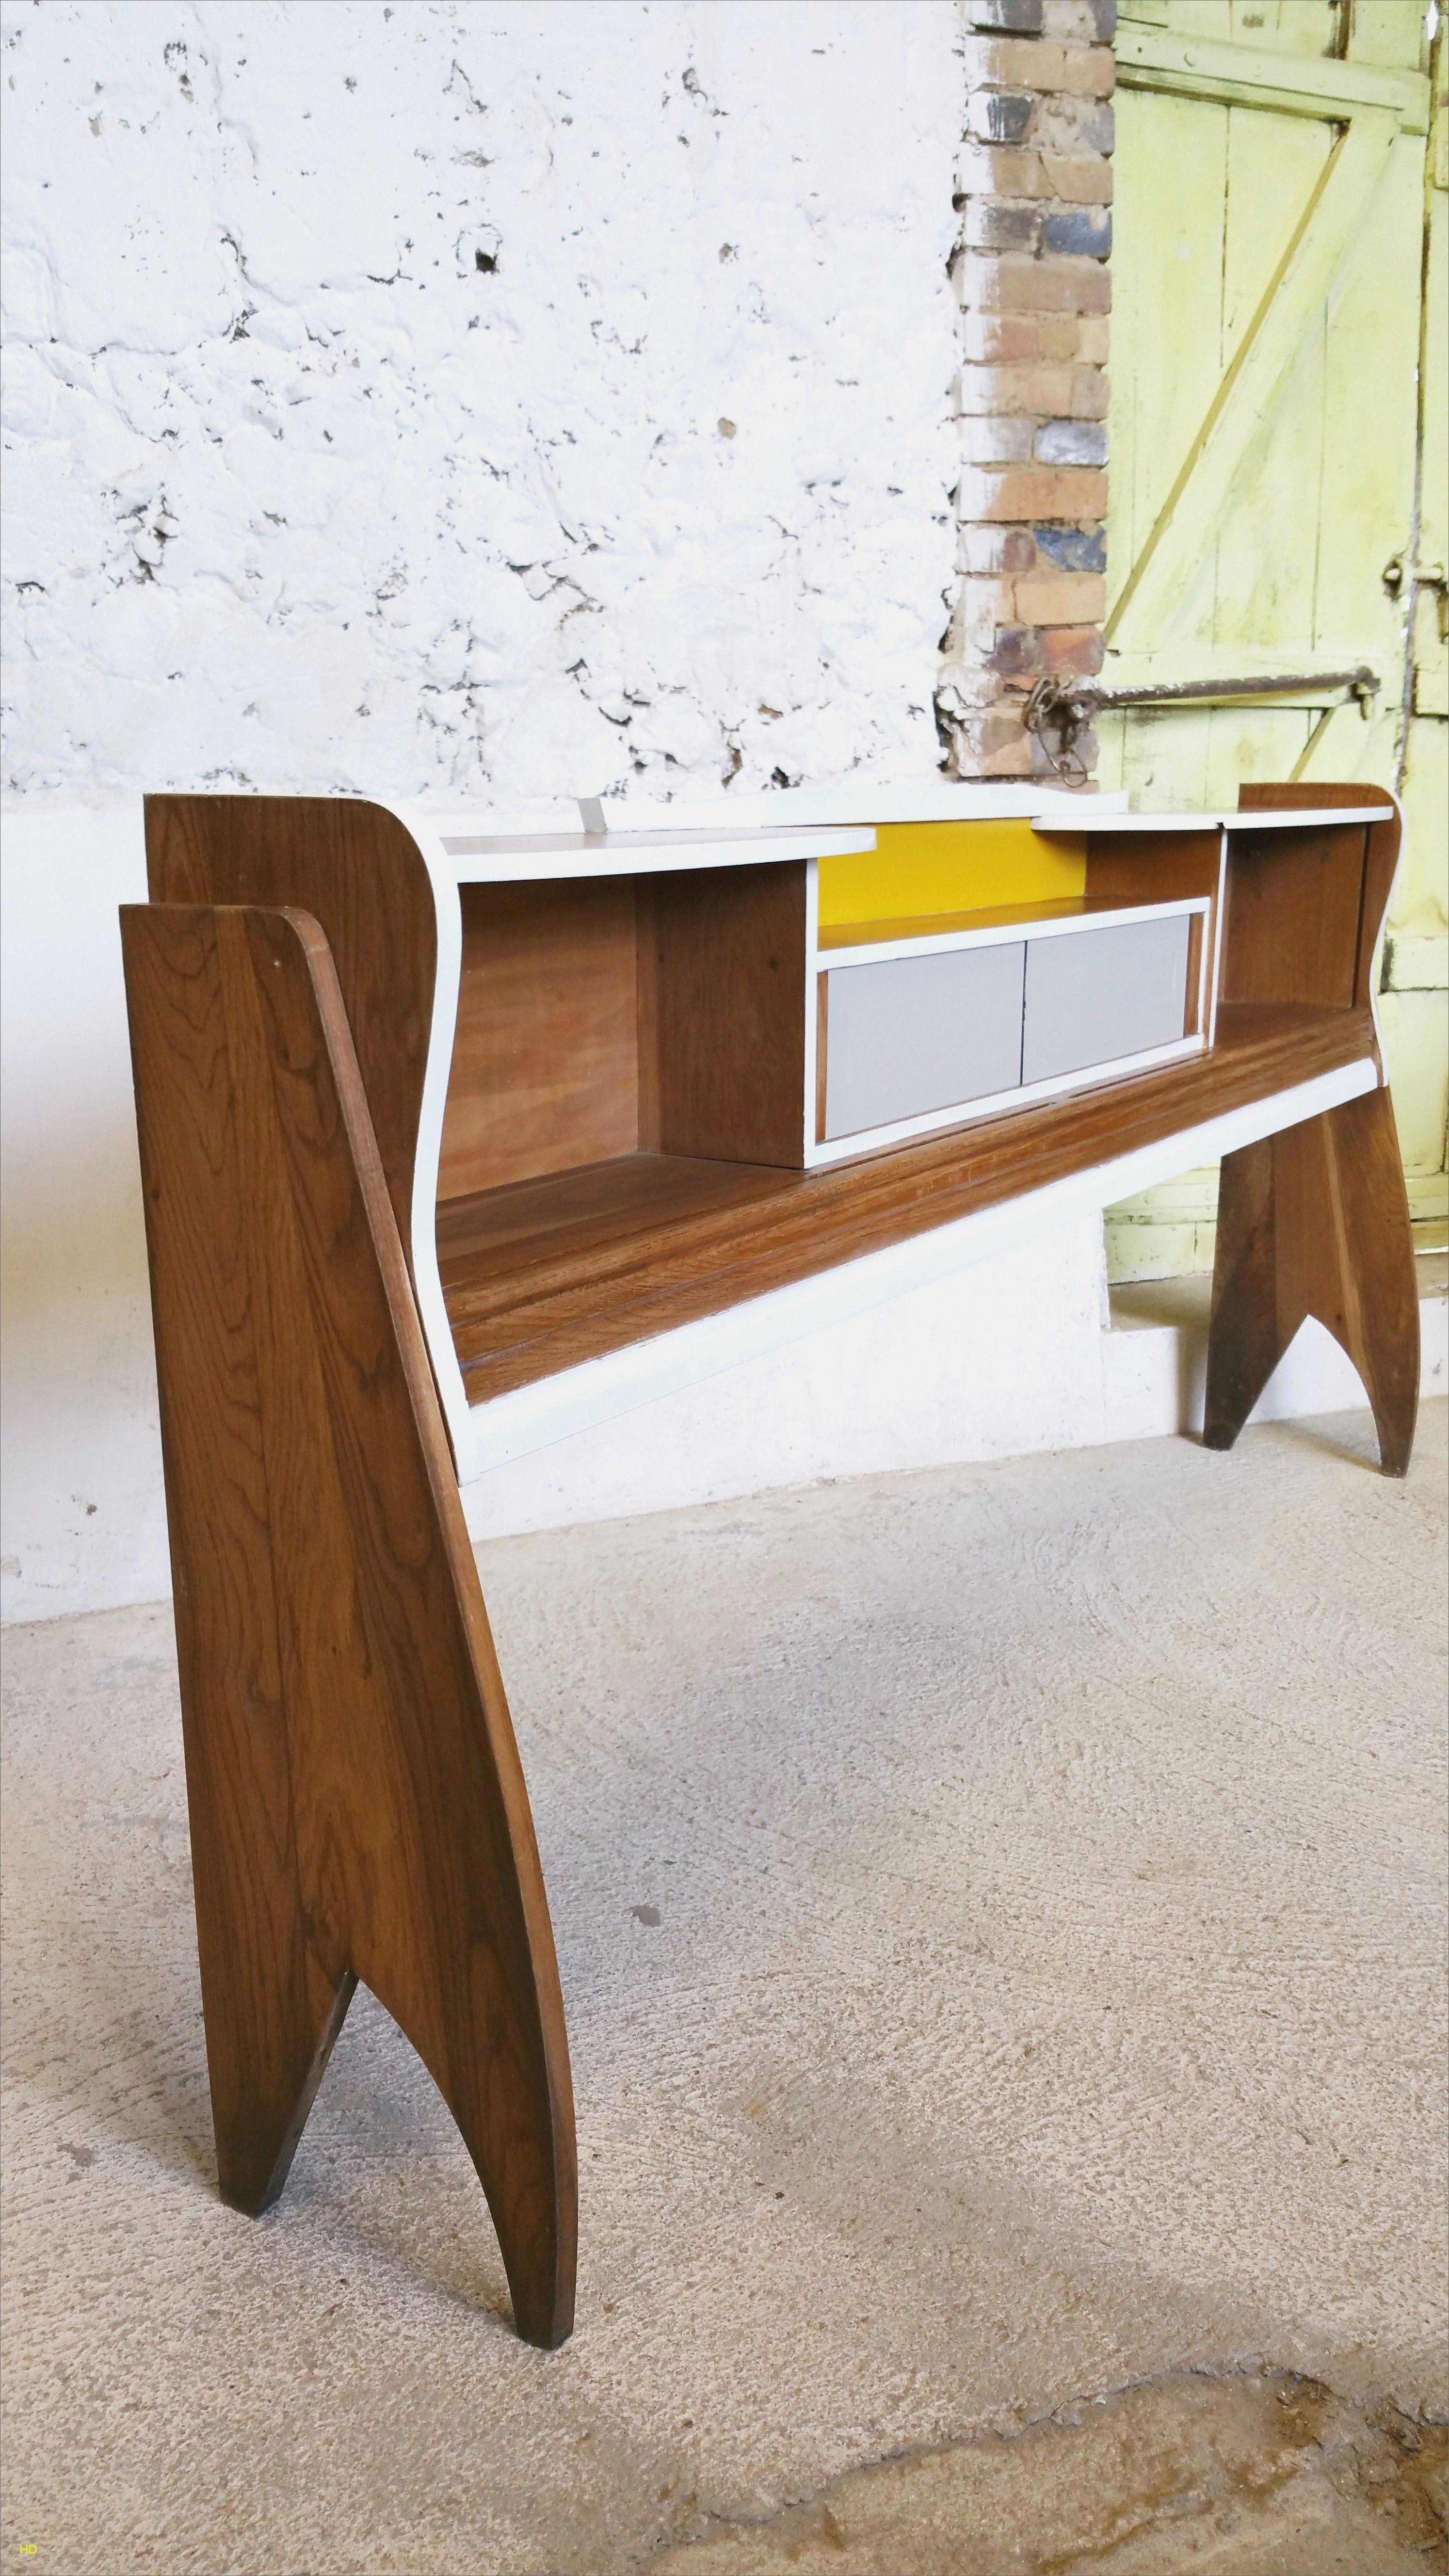 Lit Superposé En Fer Inspirant Chaise Table Bébé Cuisine Pour Bebe Lovely Lit Ikea Bebe 12 Superpos